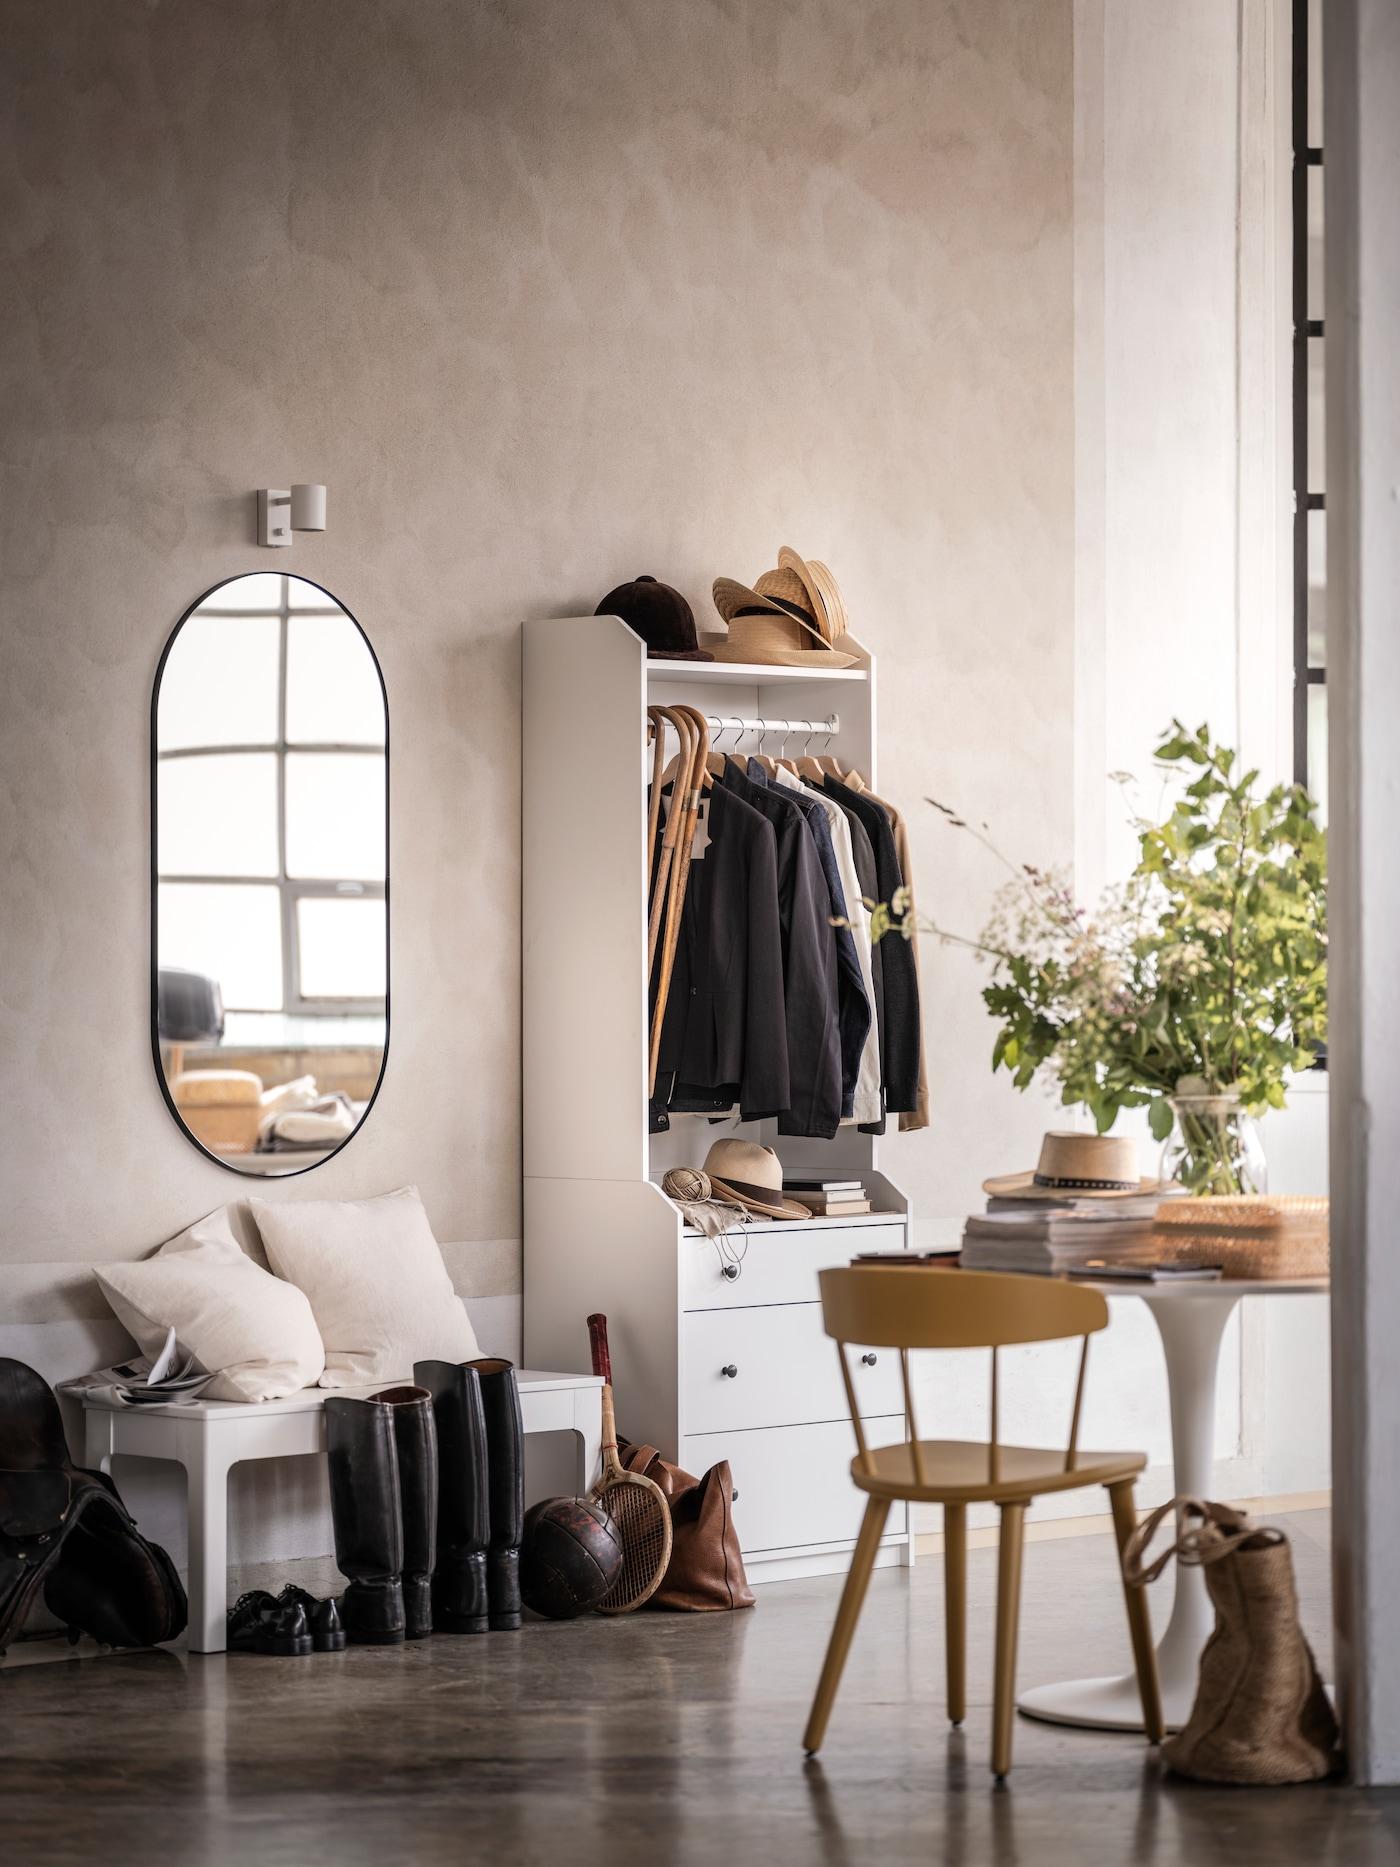 В прихожей со стенами, облицованными под камень, в открытом гардеробе ХАУГА висят пиджаки. На стене — овальное зеркало.